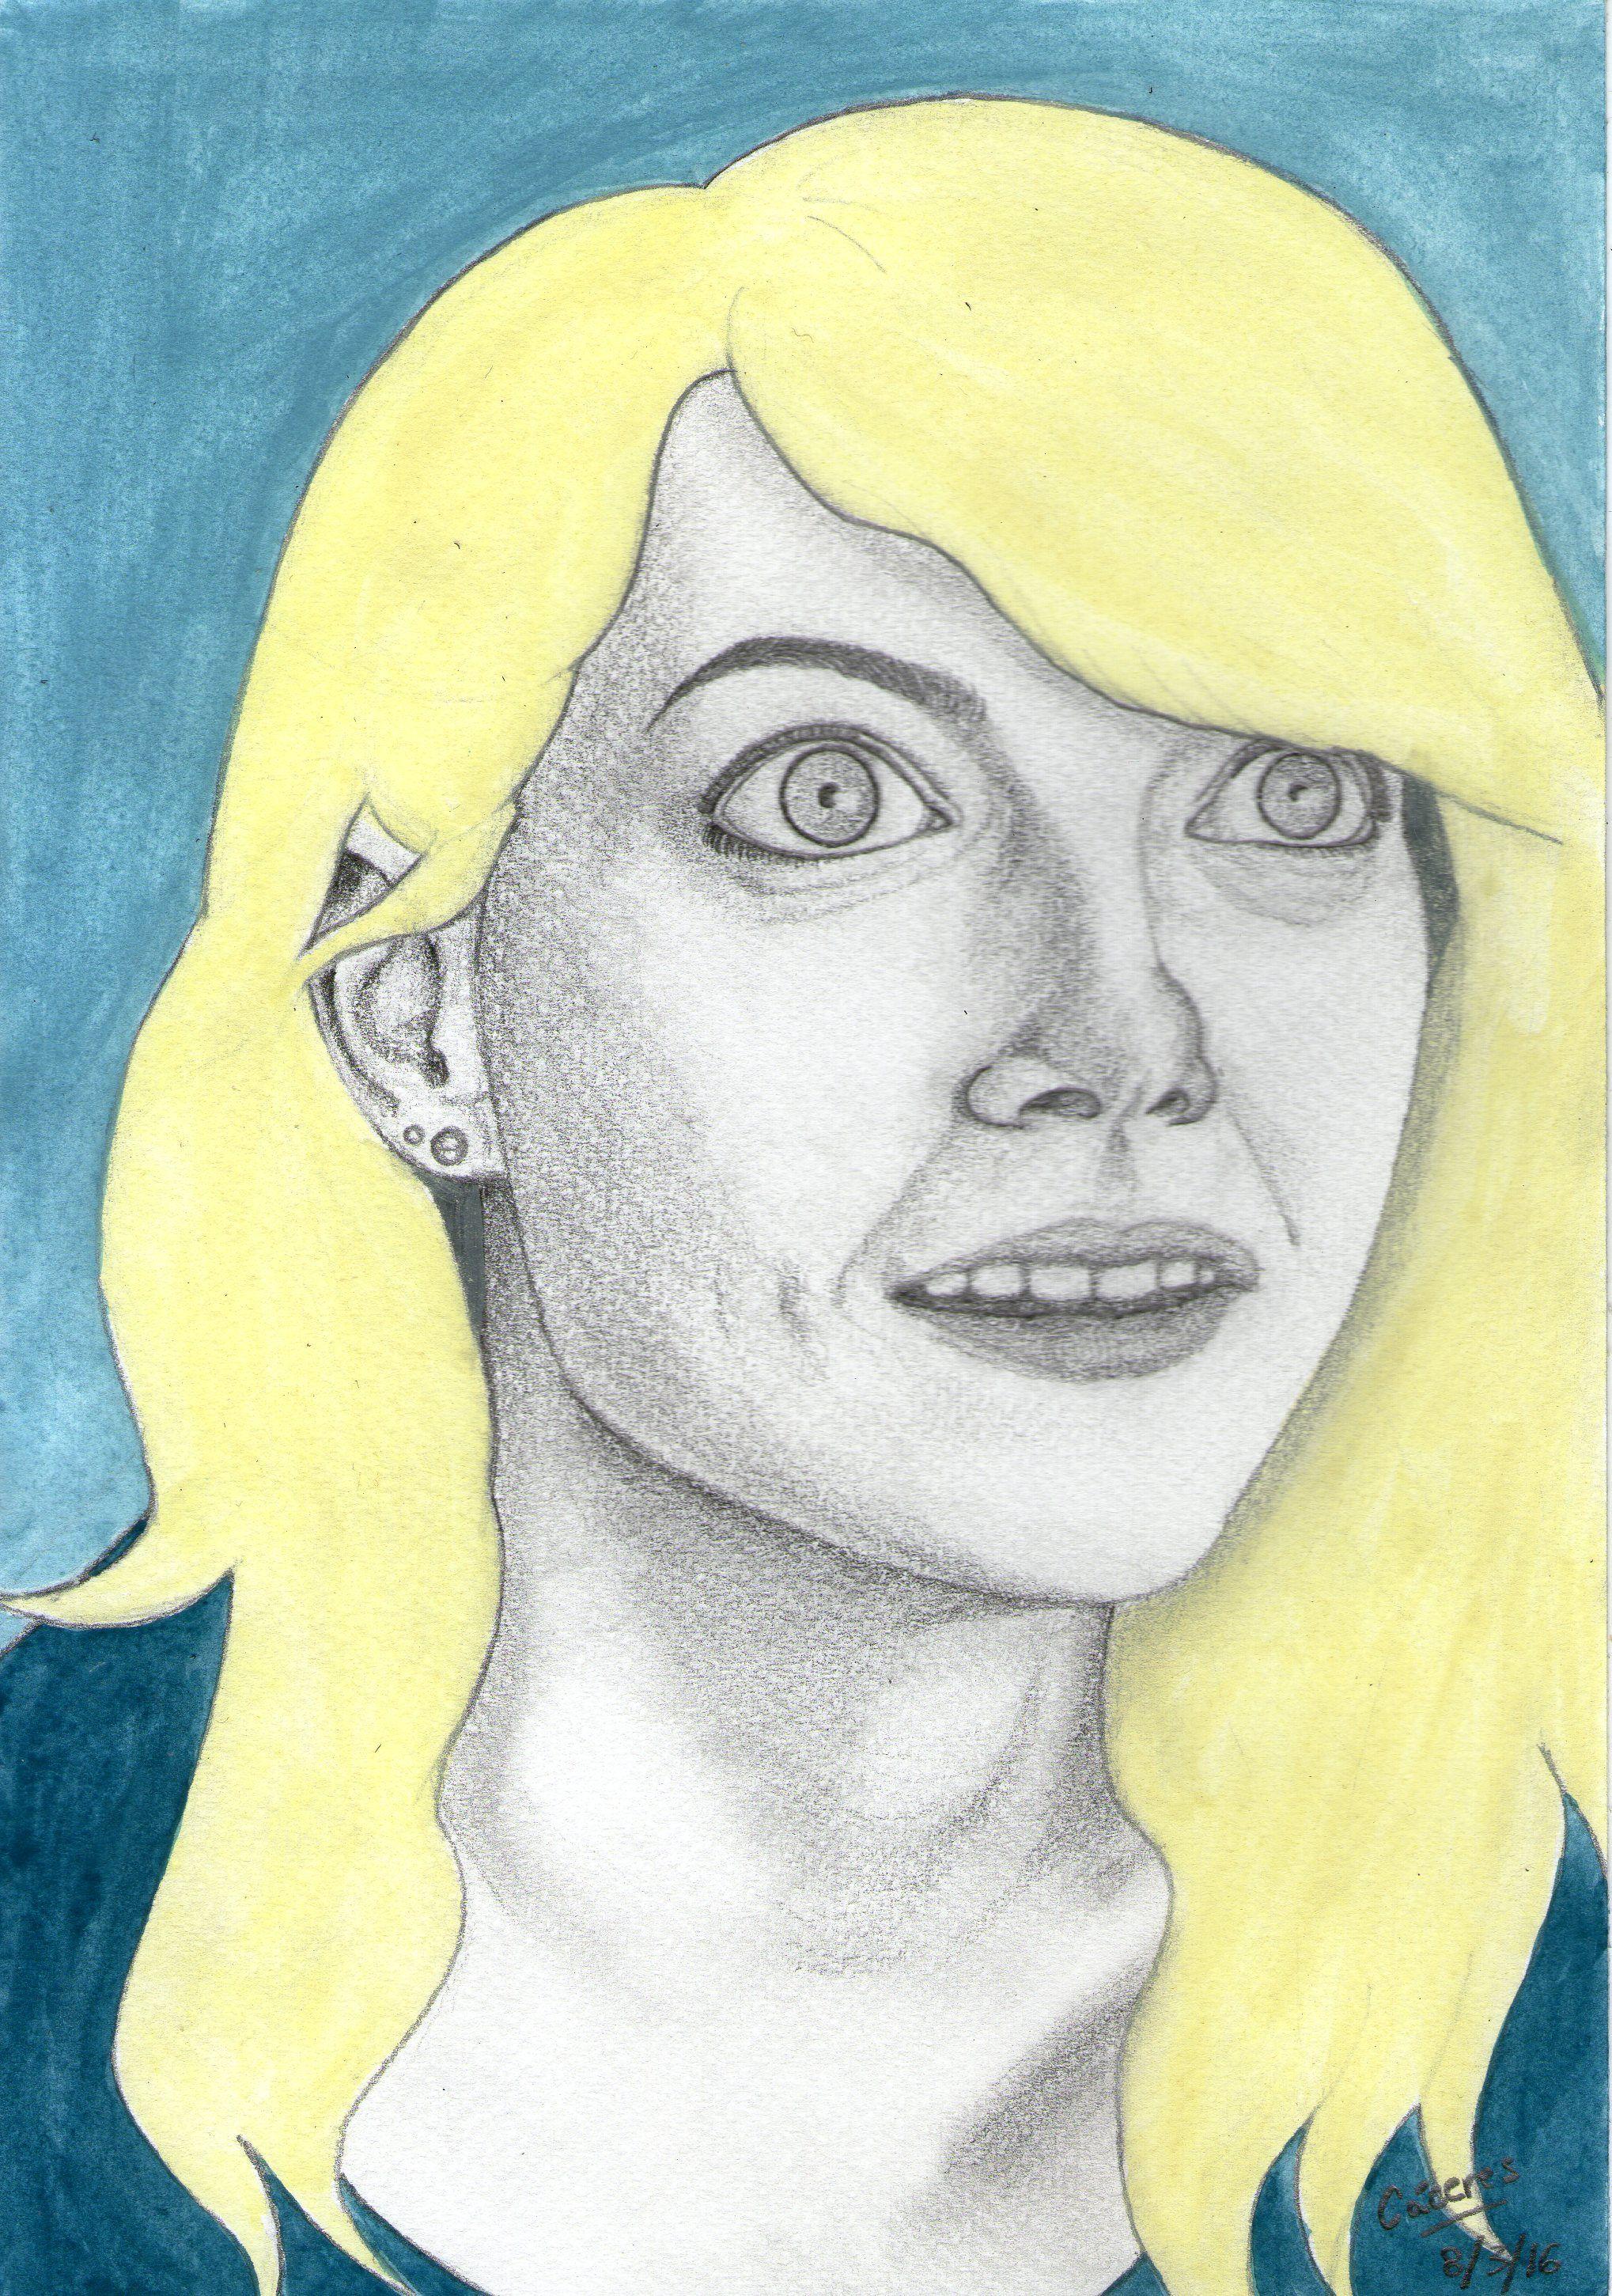 Retrato de Emma Stone en Birdman. 17,5 x 25 cm. Lápiz y acuarelas por @EvangeCaceres